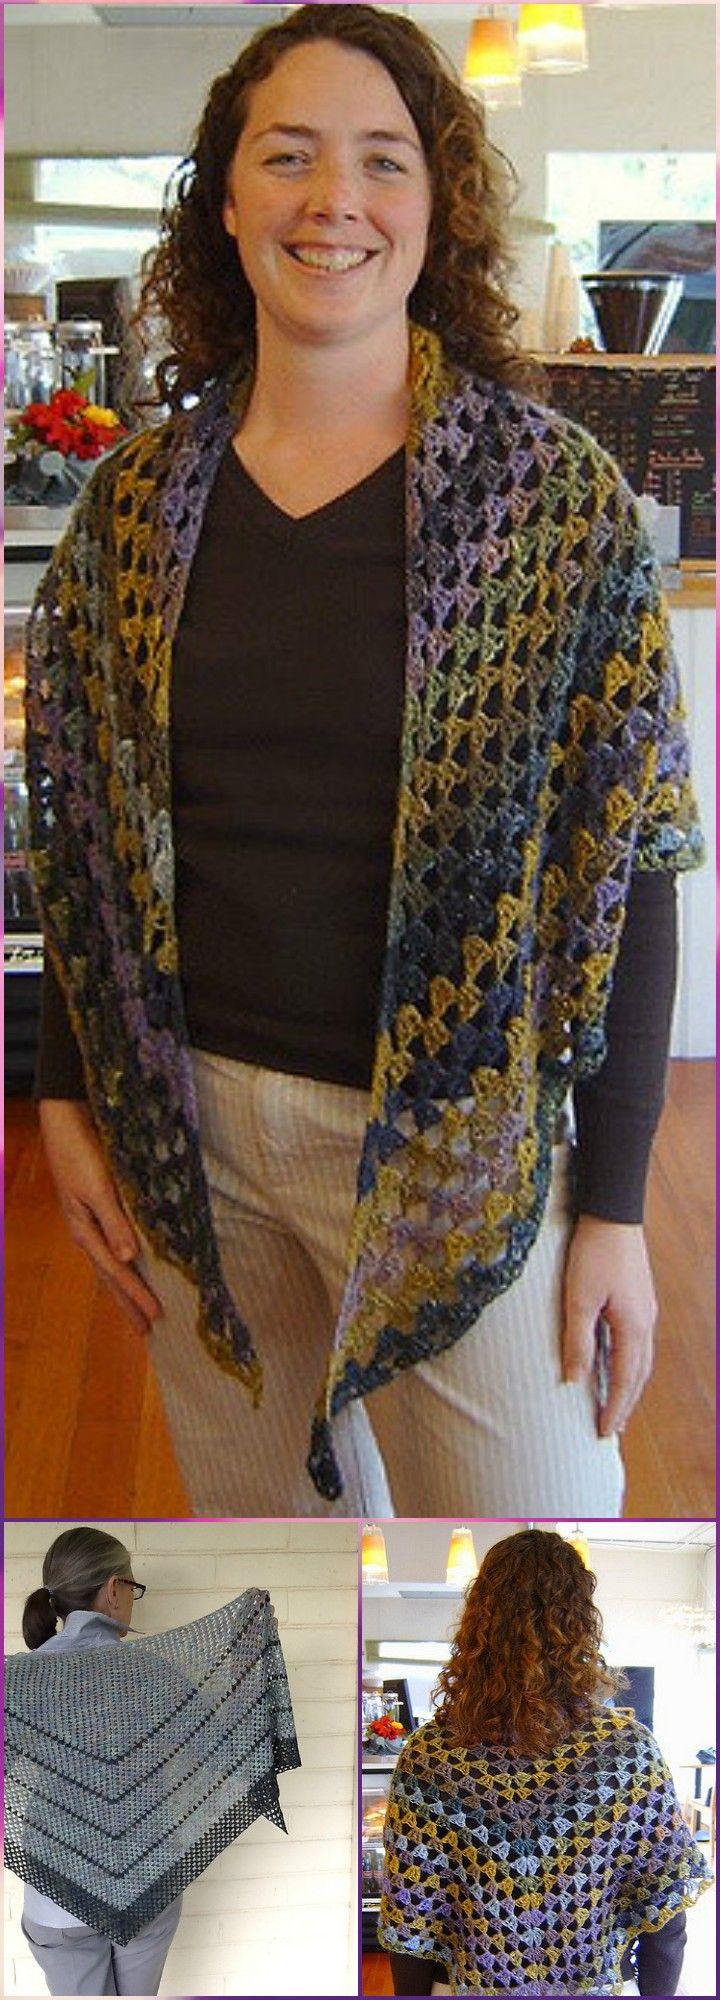 100 Free Crochet Shawl Patterns - Free Crochet Patterns - Page 11 of ...